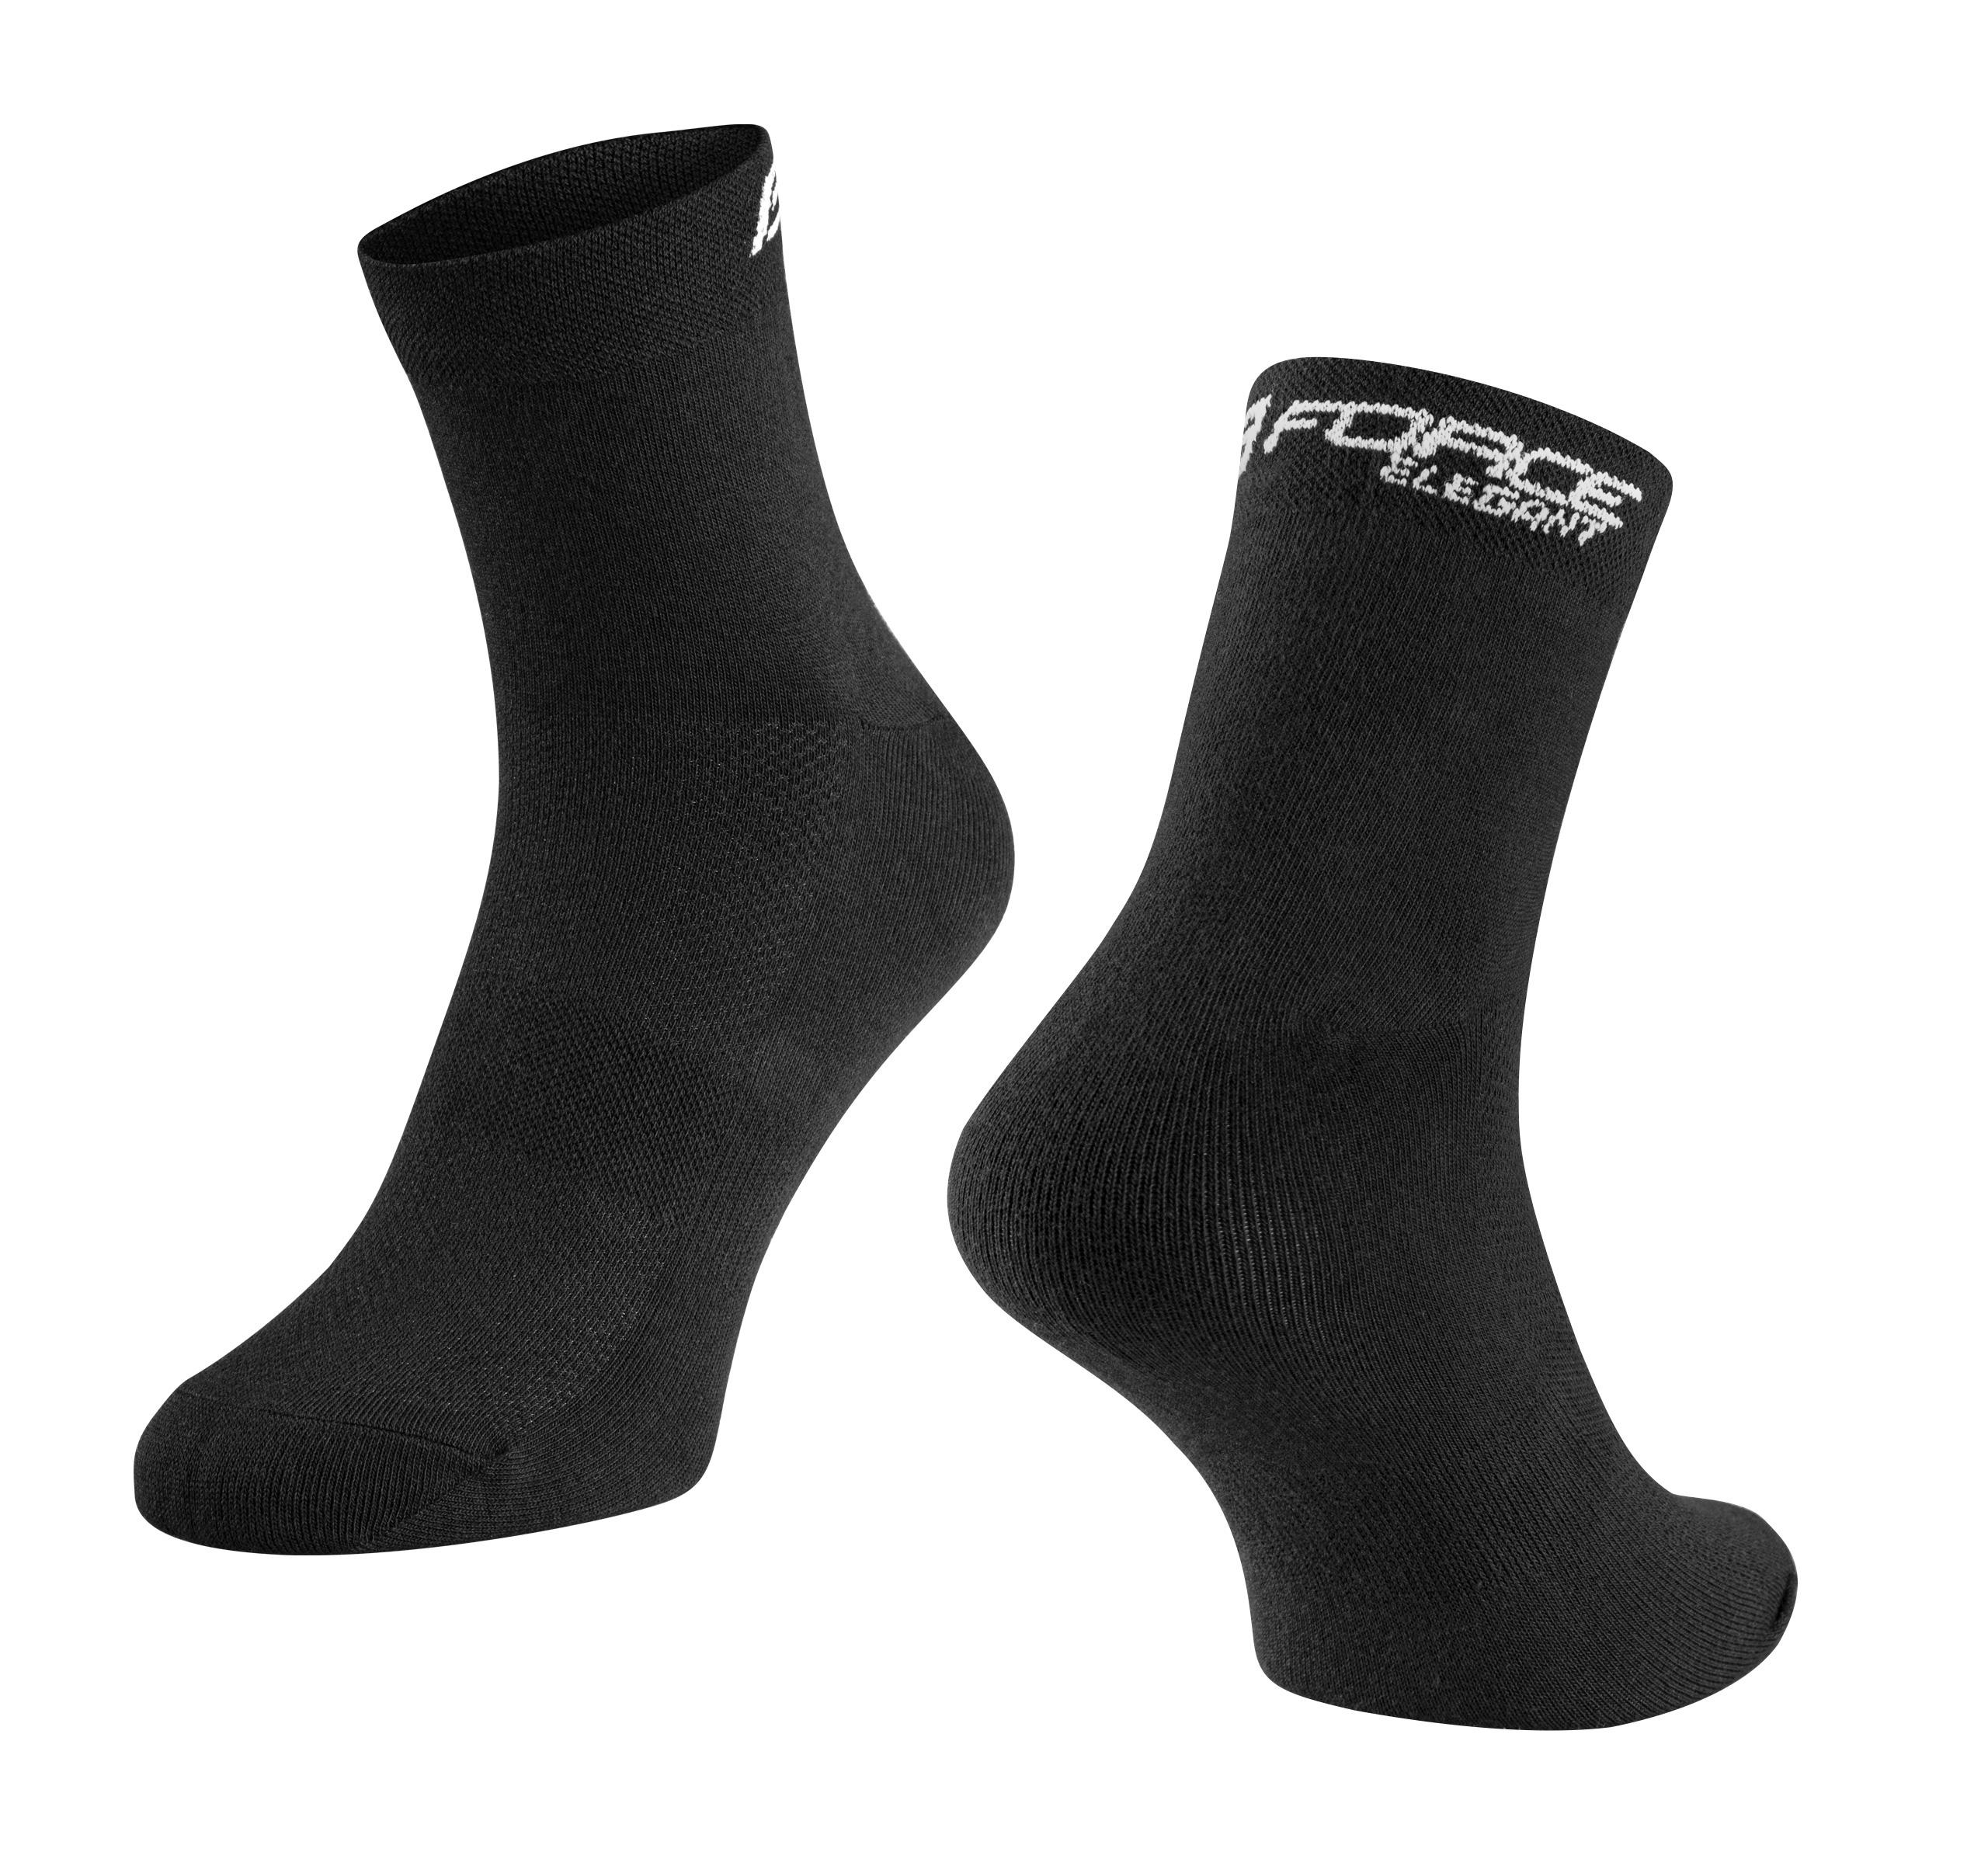 ponožky FORCE ELEGANT nízké, černé S-M/36-41